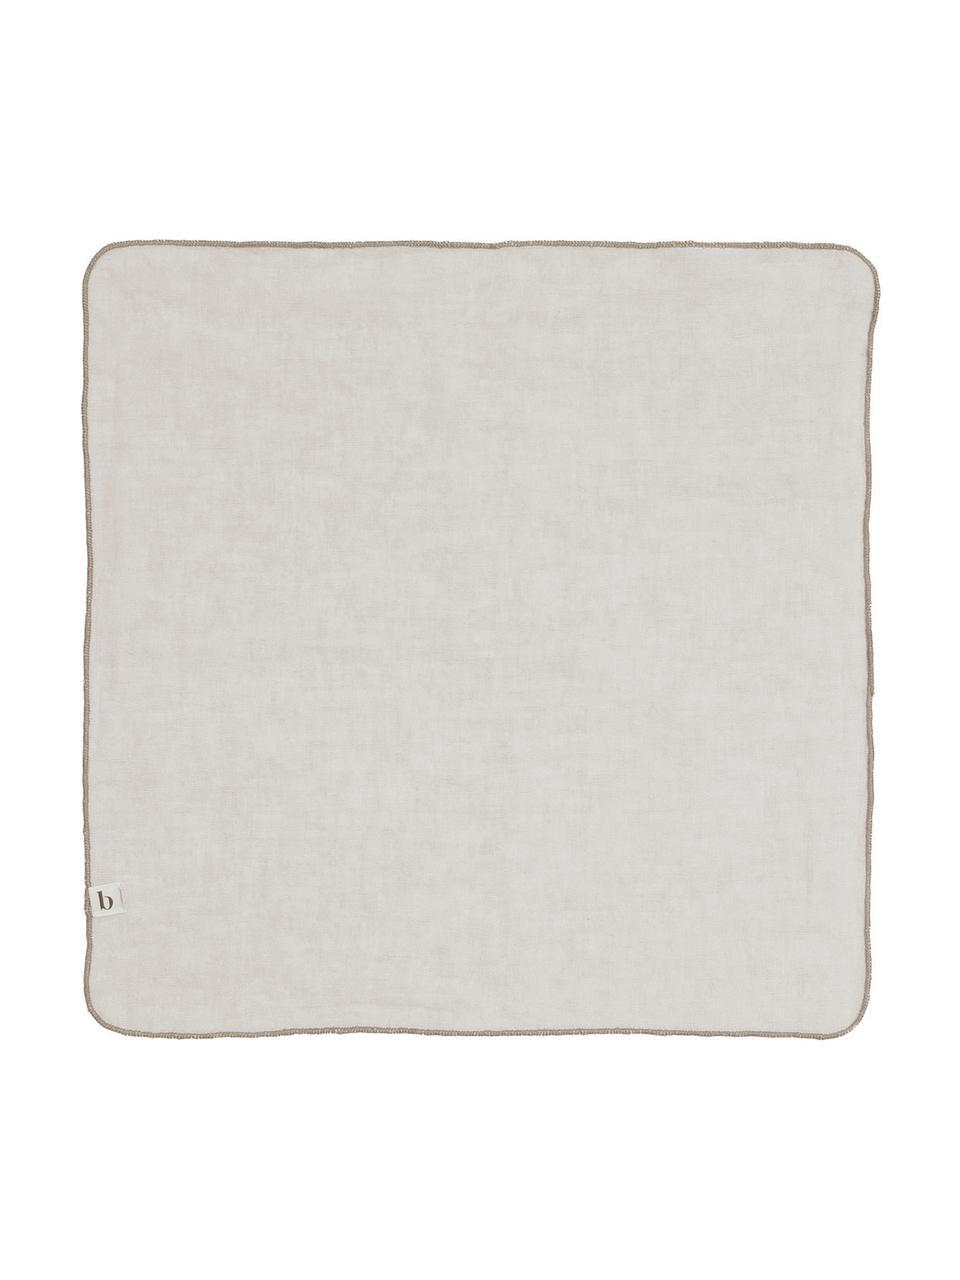 Leinen-Servietten Gracie in Hellgrau, 2 Stück, Natur-Leinen, Grau, 45 x 45 cm